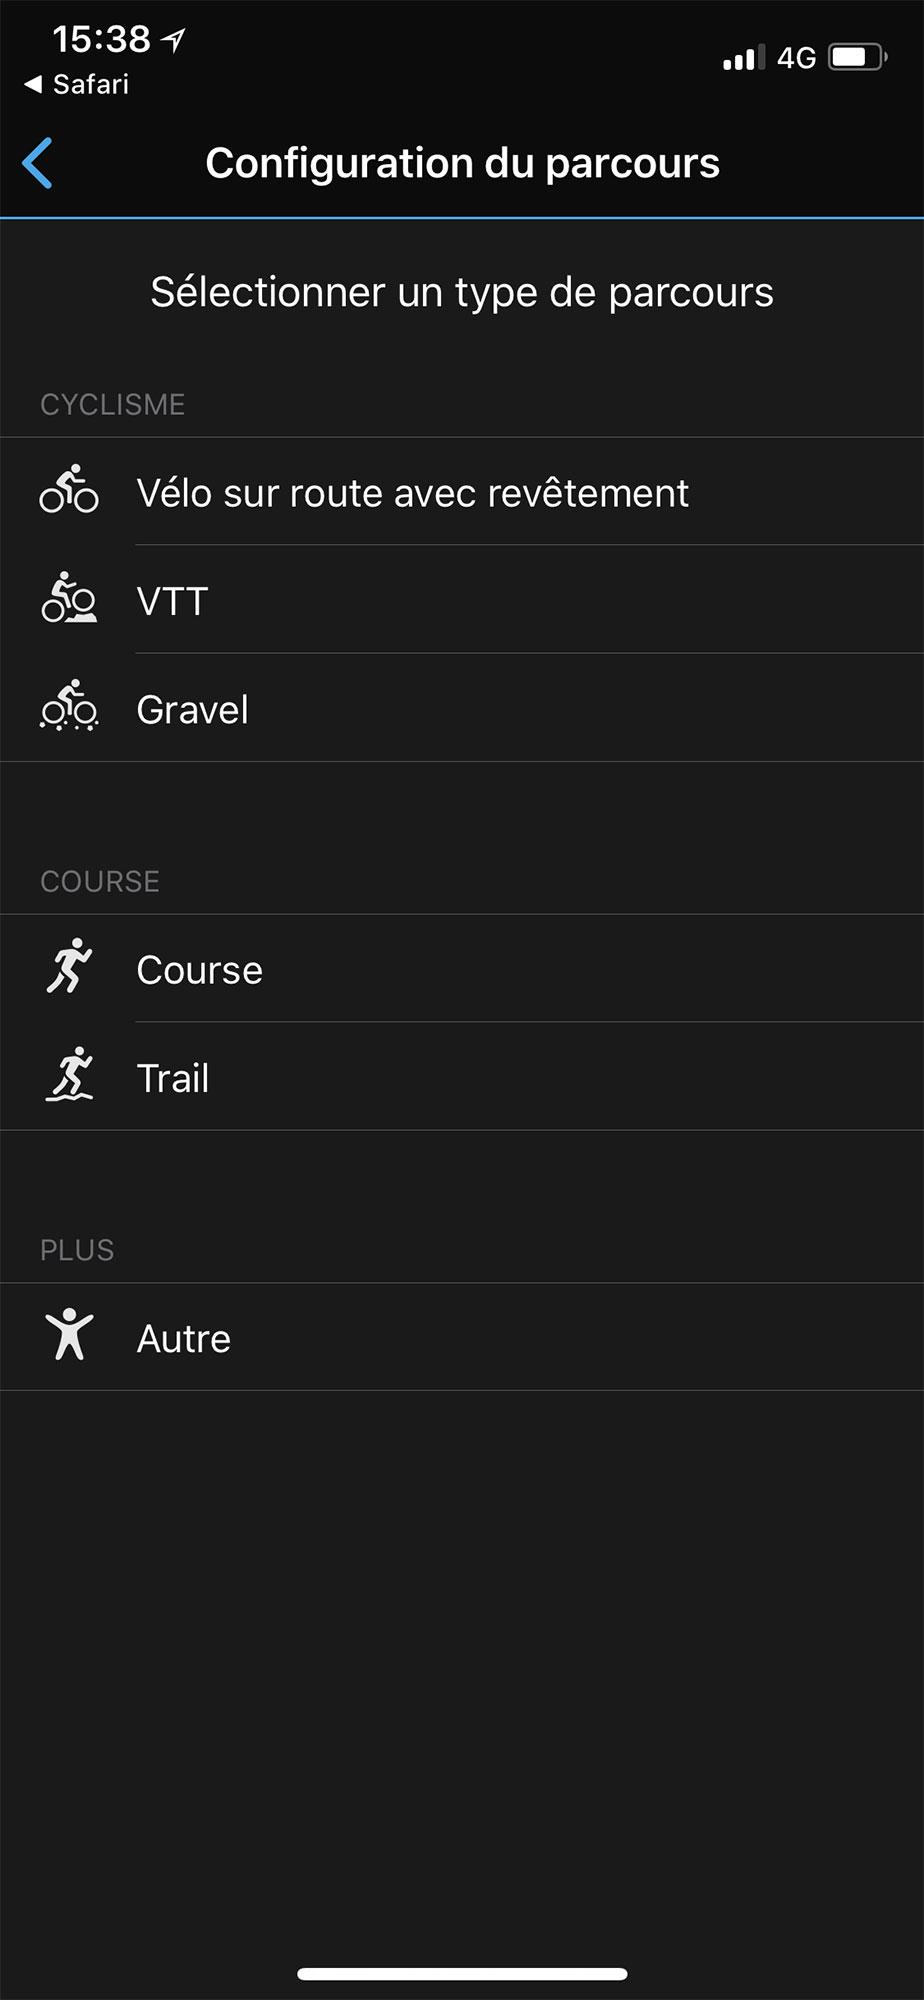 Sélectionner le type de parcours sur l'application Garmin Connect